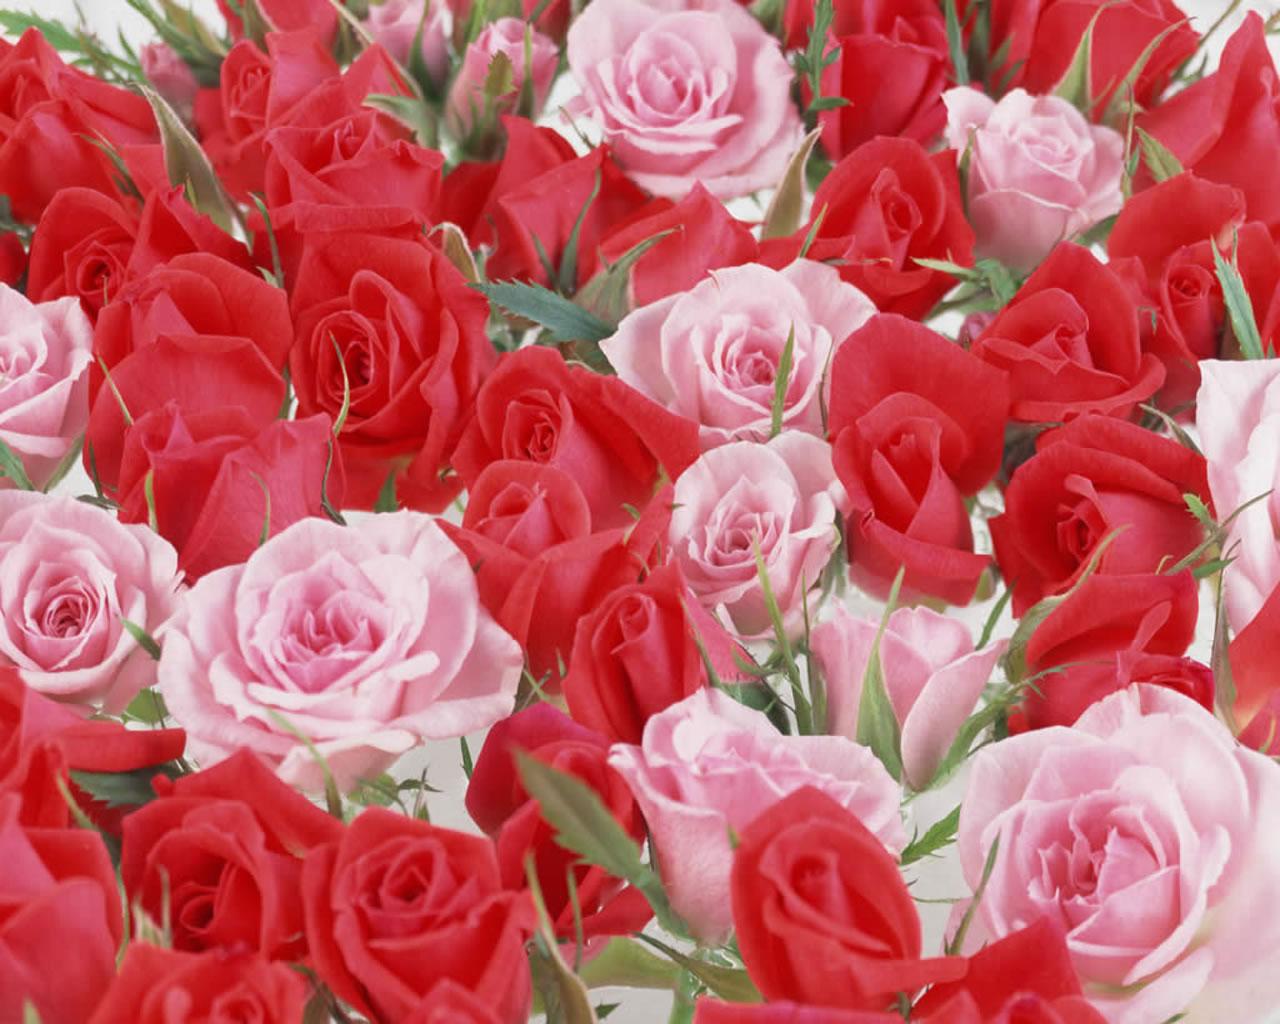 Beautiful Rose Flowers Wallpapers Wallpapersafari